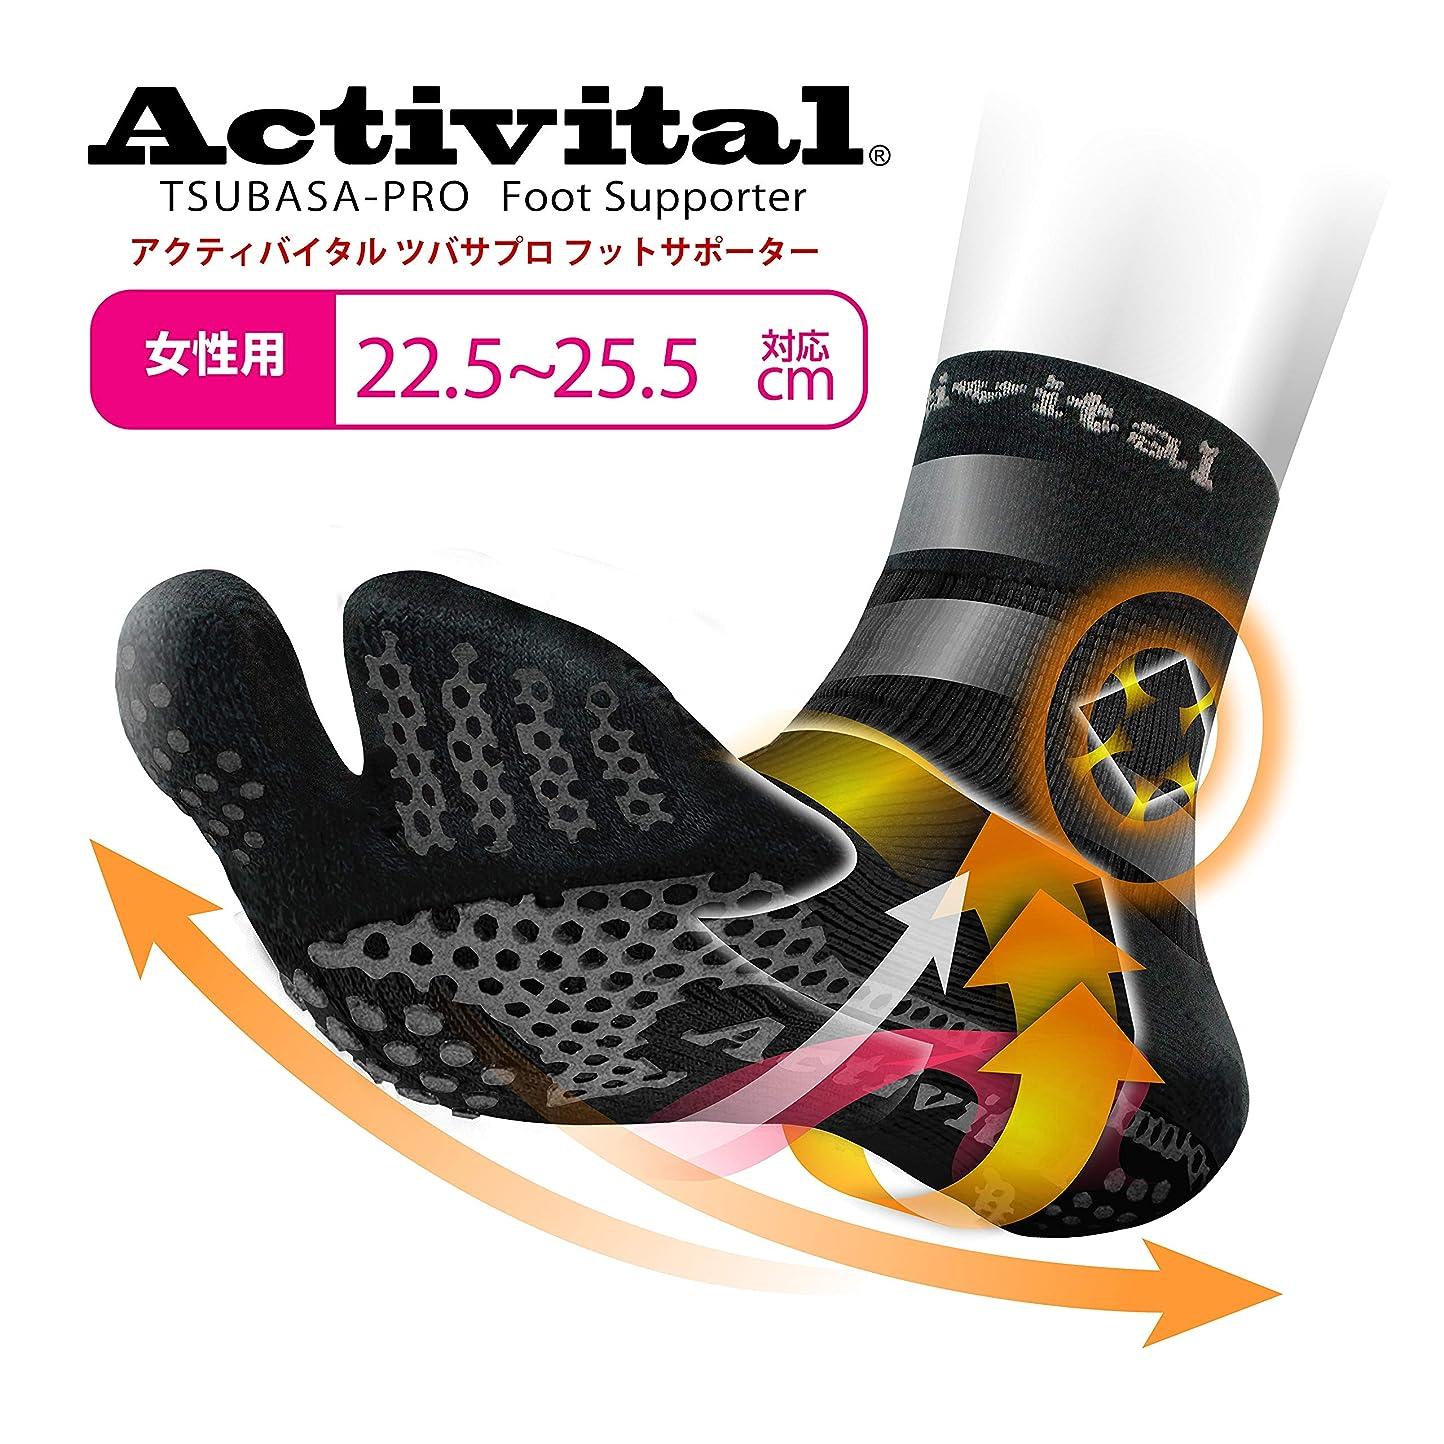 シール現像嬉しいですActivital アクティバイタル ツバサプロ フットサポーター レディース ブラック 22.5~25.5cm